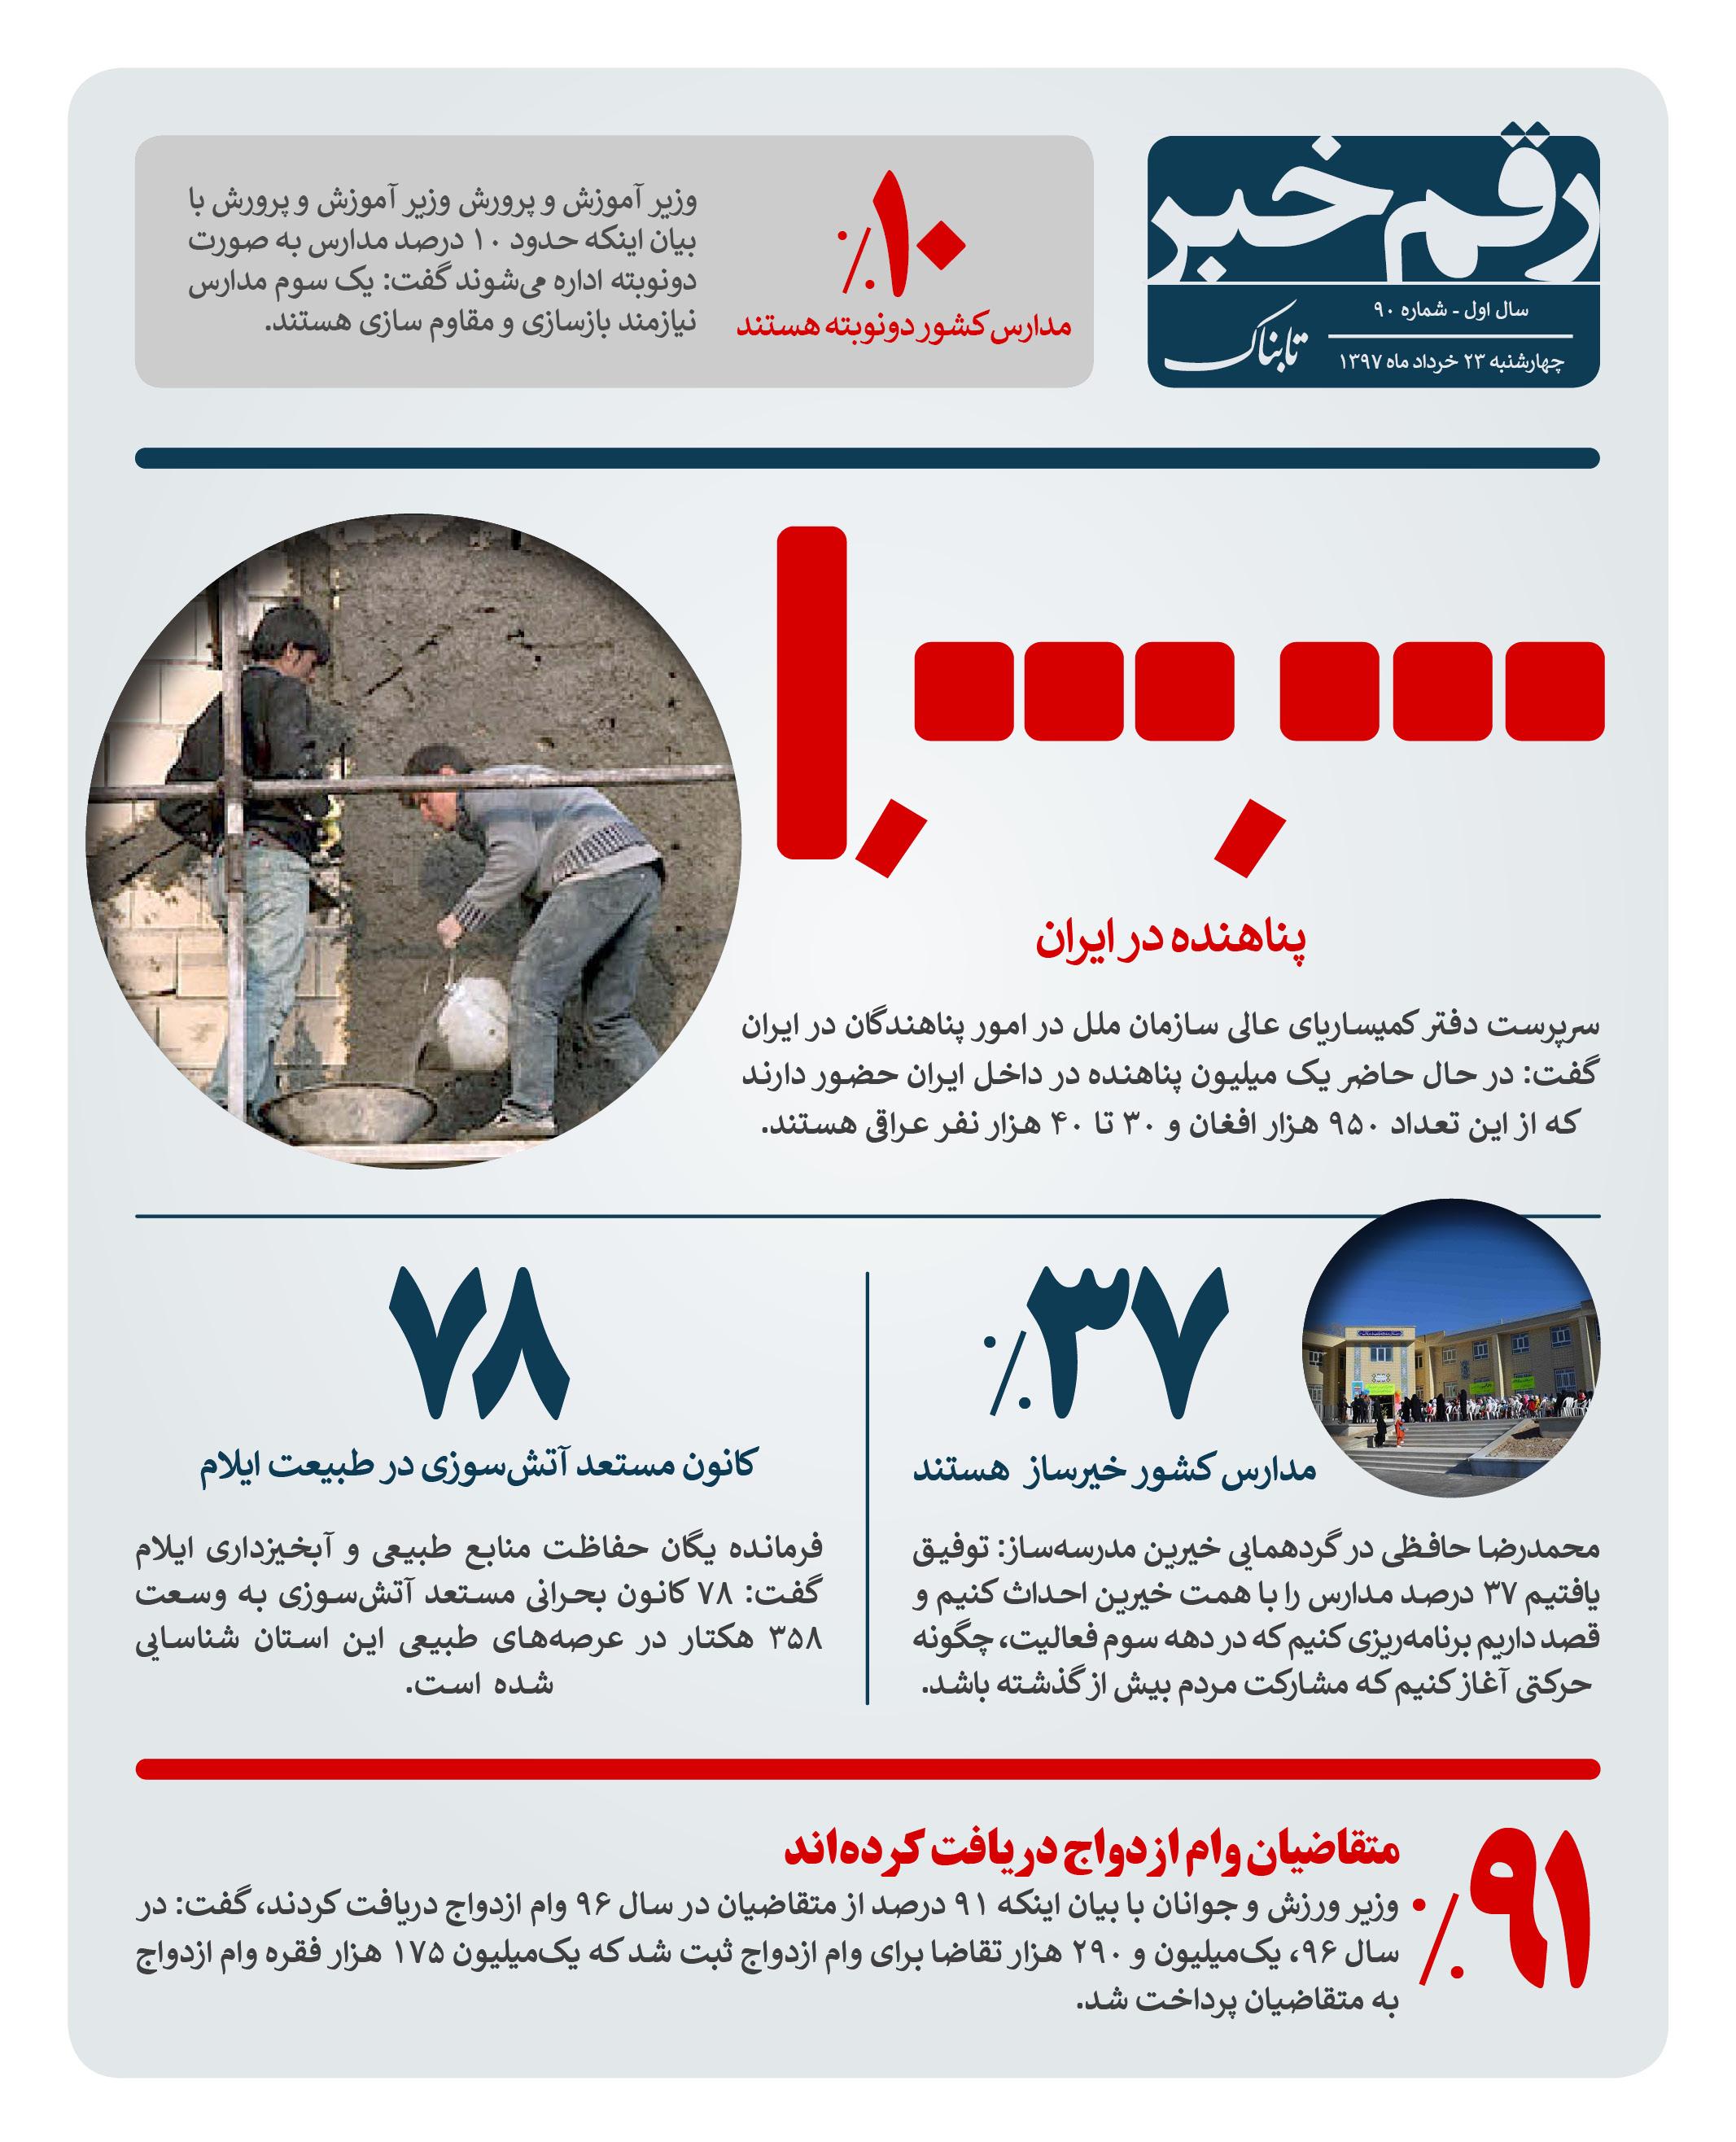 رقم خبر : آماری از پناهندگان در ایران